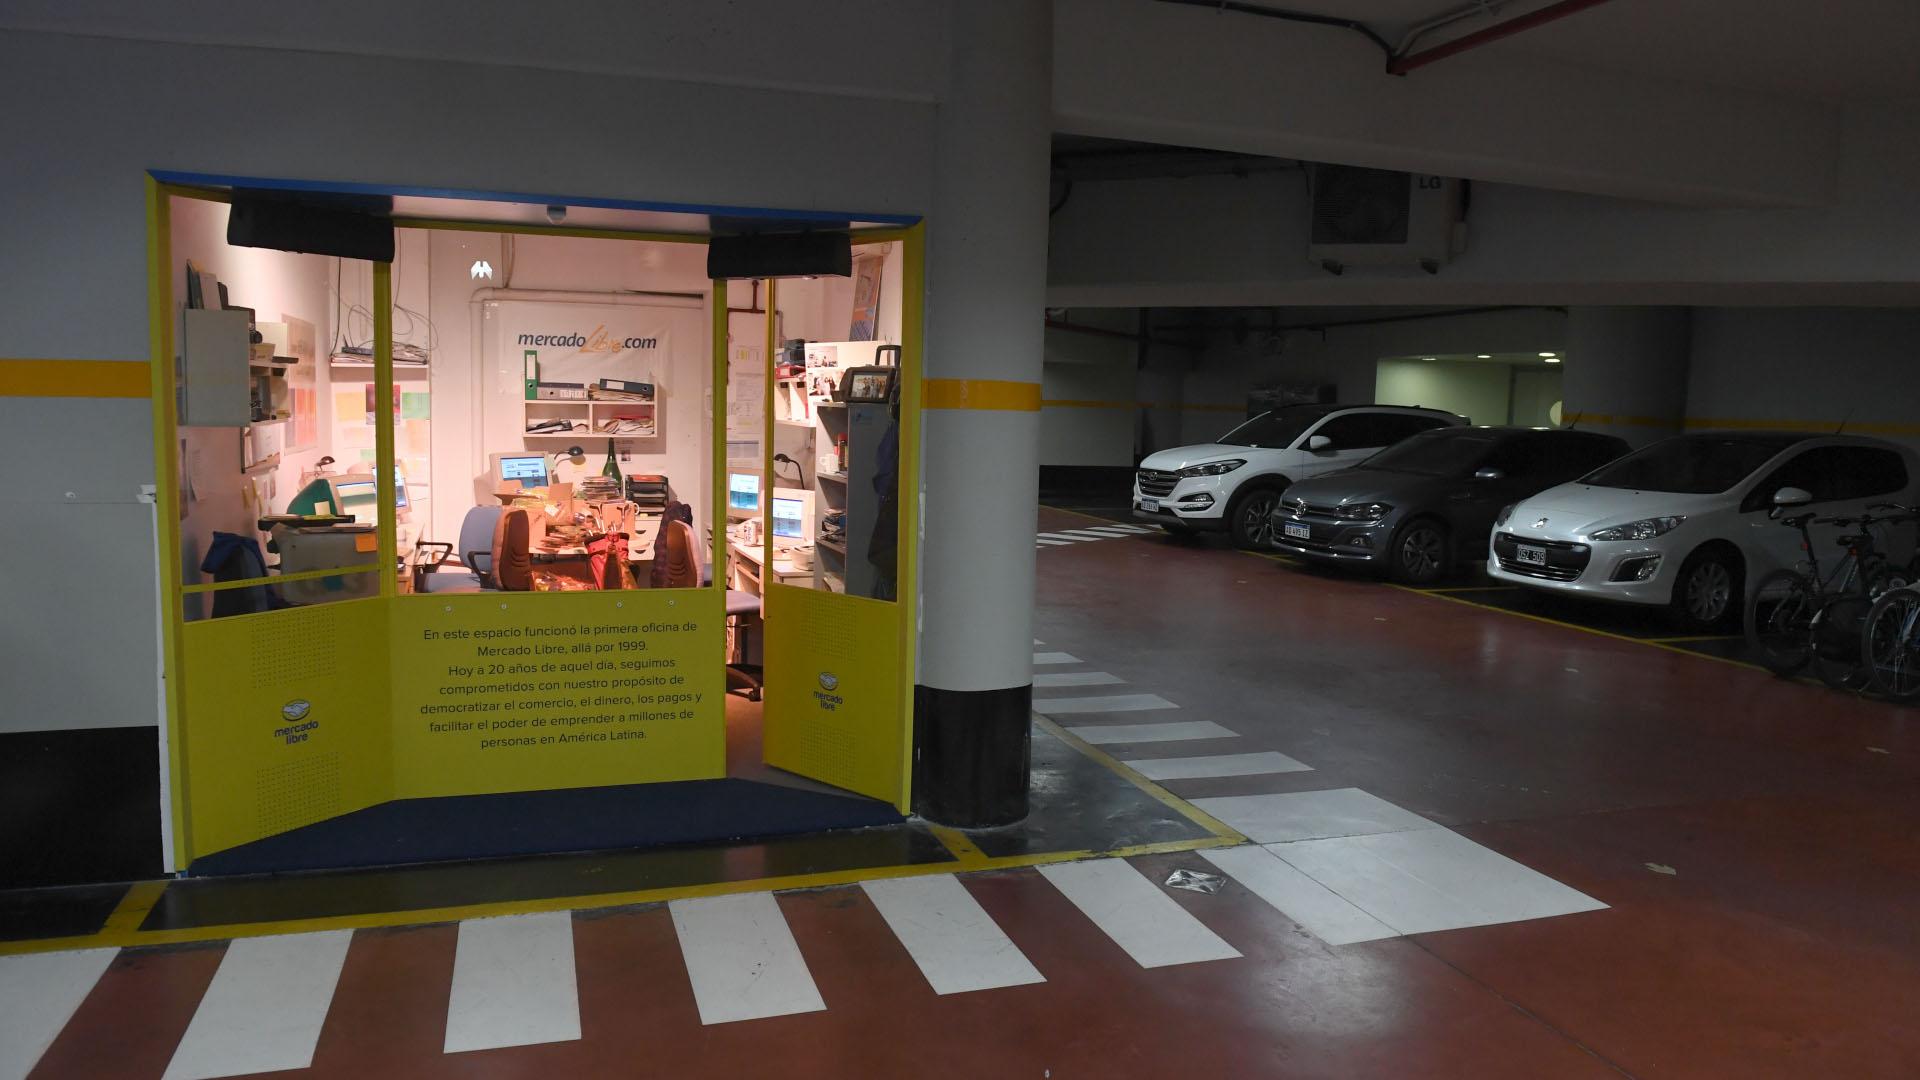 fb760093f Los secretos del oscuro e incómodo garaje en el que nació Mercado ...